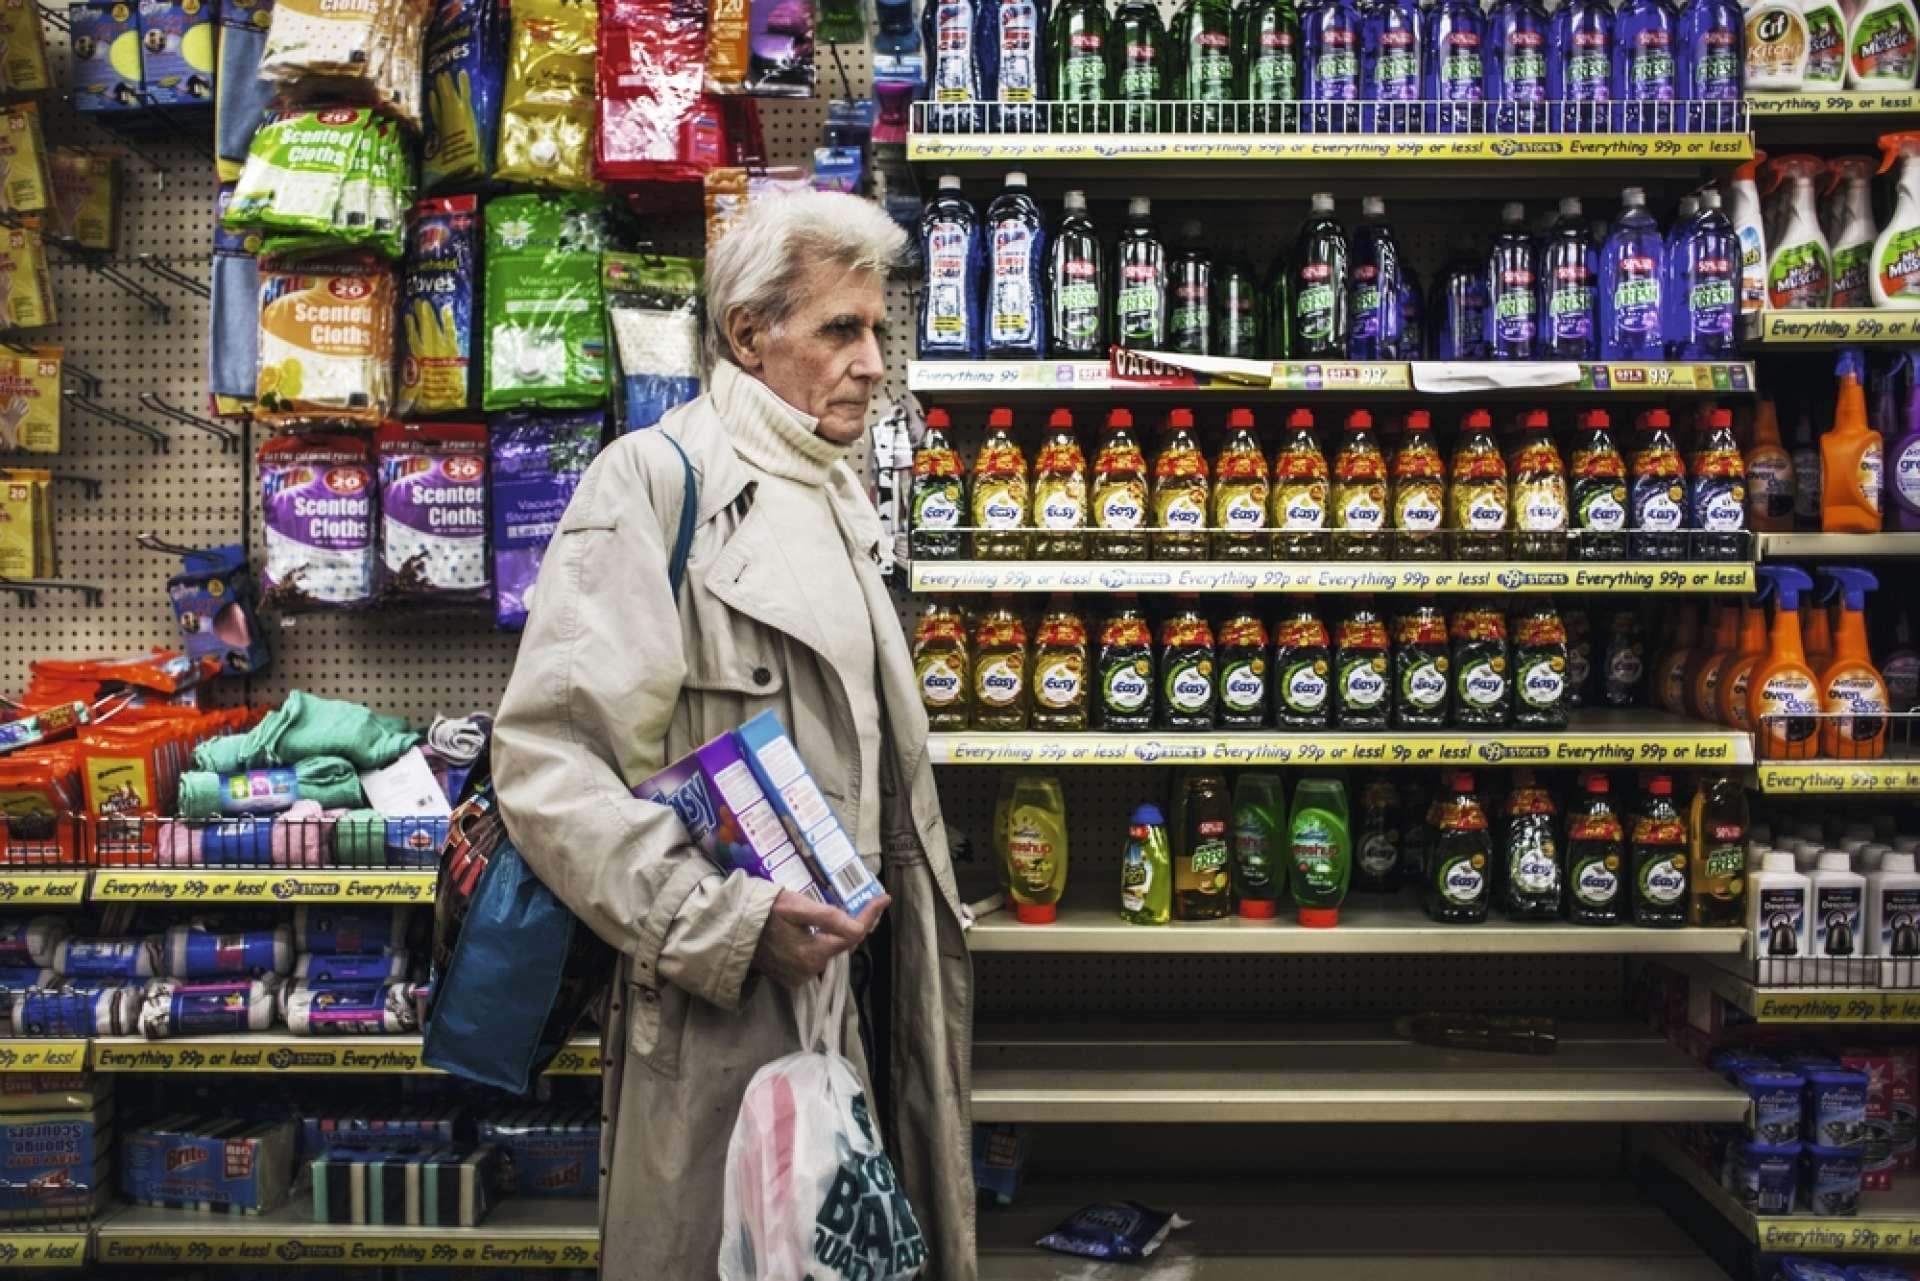 Le vieil homme de 73 ans dans un magasin bon marché en avril 2013.